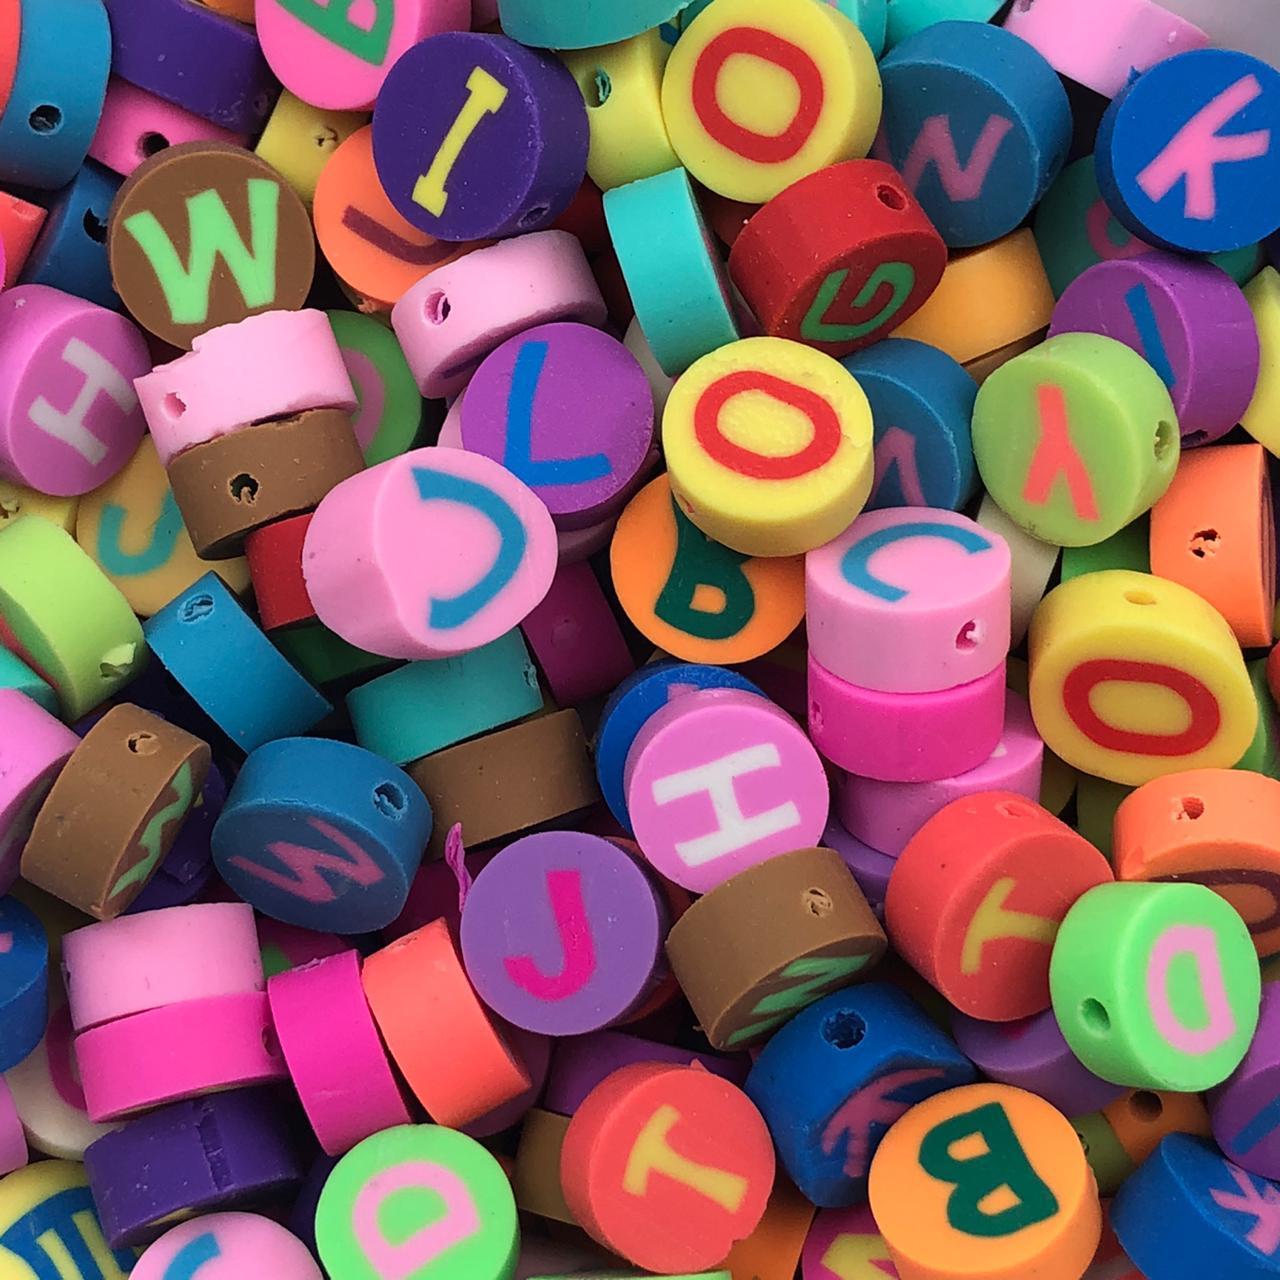 DF51 - Fimo Emborrachado Letras Variadas - 20Unids